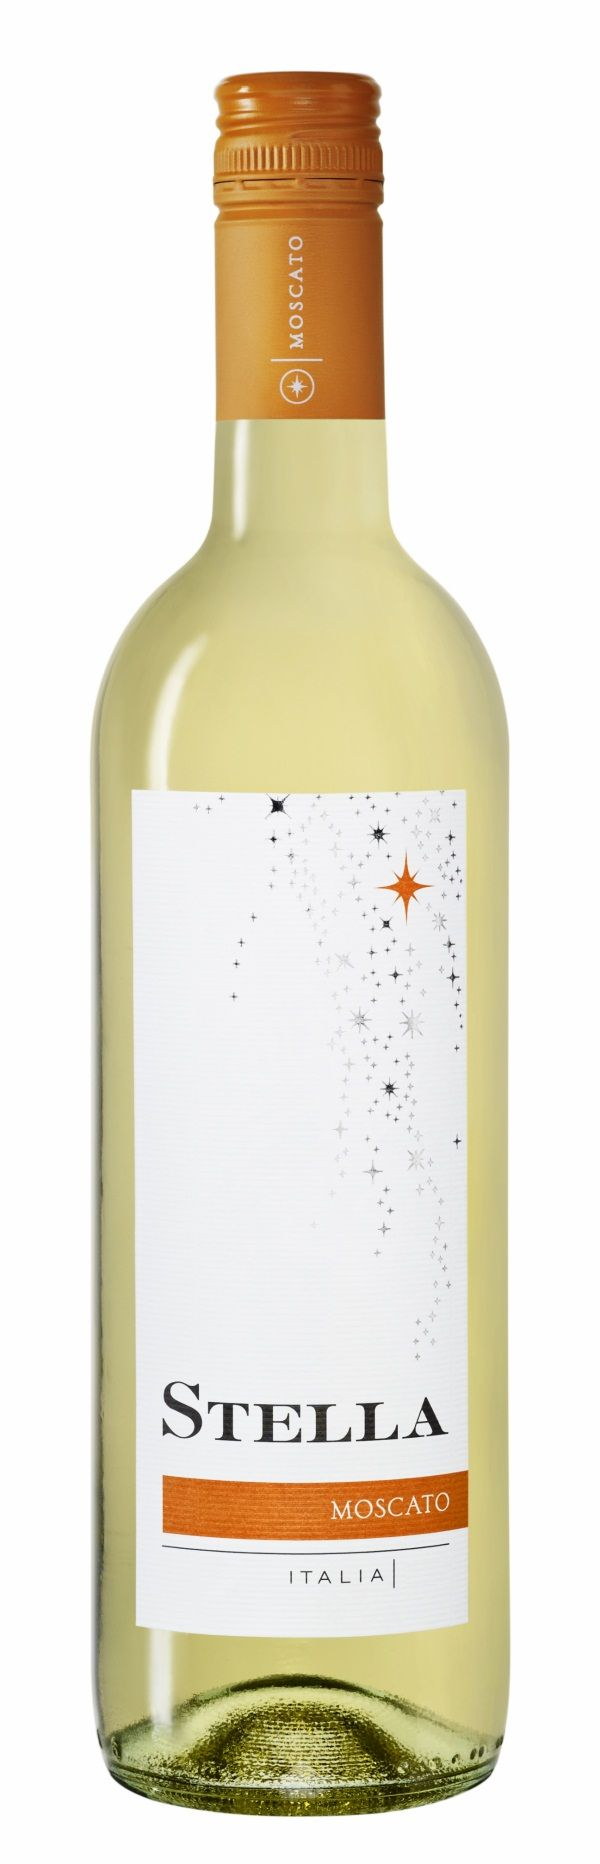 Stella brand Moscato wine....so fab!